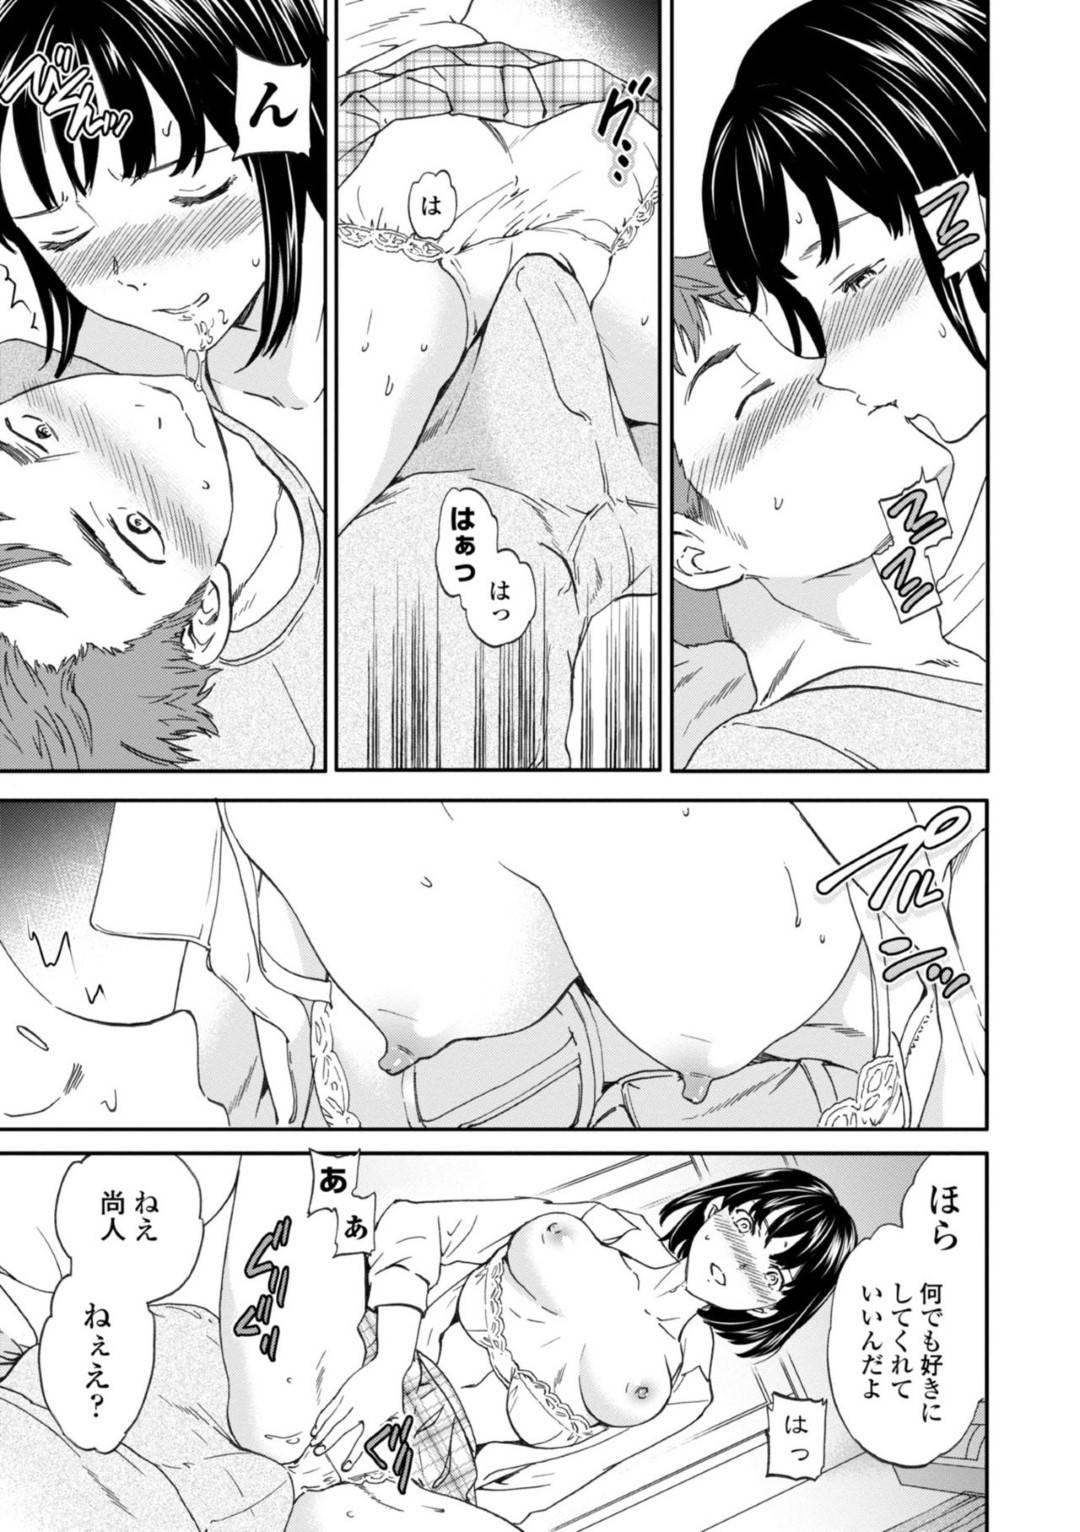 【エロ漫画】最後の大会でレギュラーを取れず落ち込む幼馴染を裸になって励ます巨乳JKはセックスで処女&童貞を喪失する【Cuvie/ステディガール】